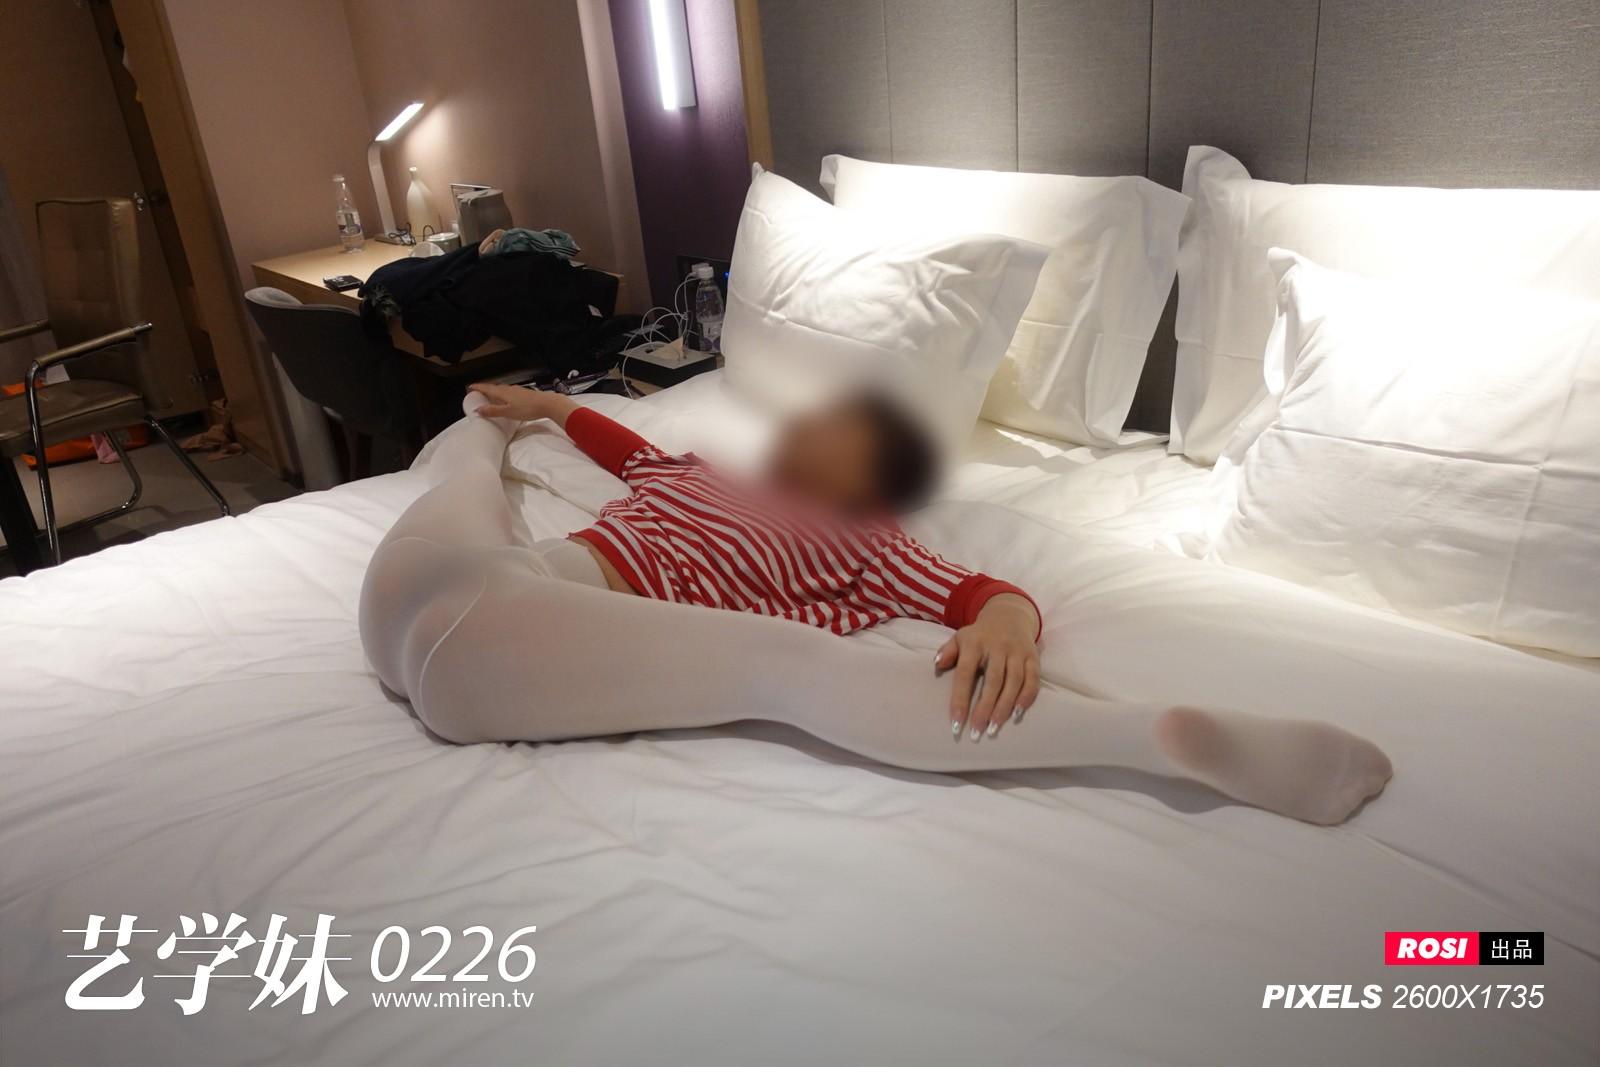 艺学妹0226套装 衣服+丝袜